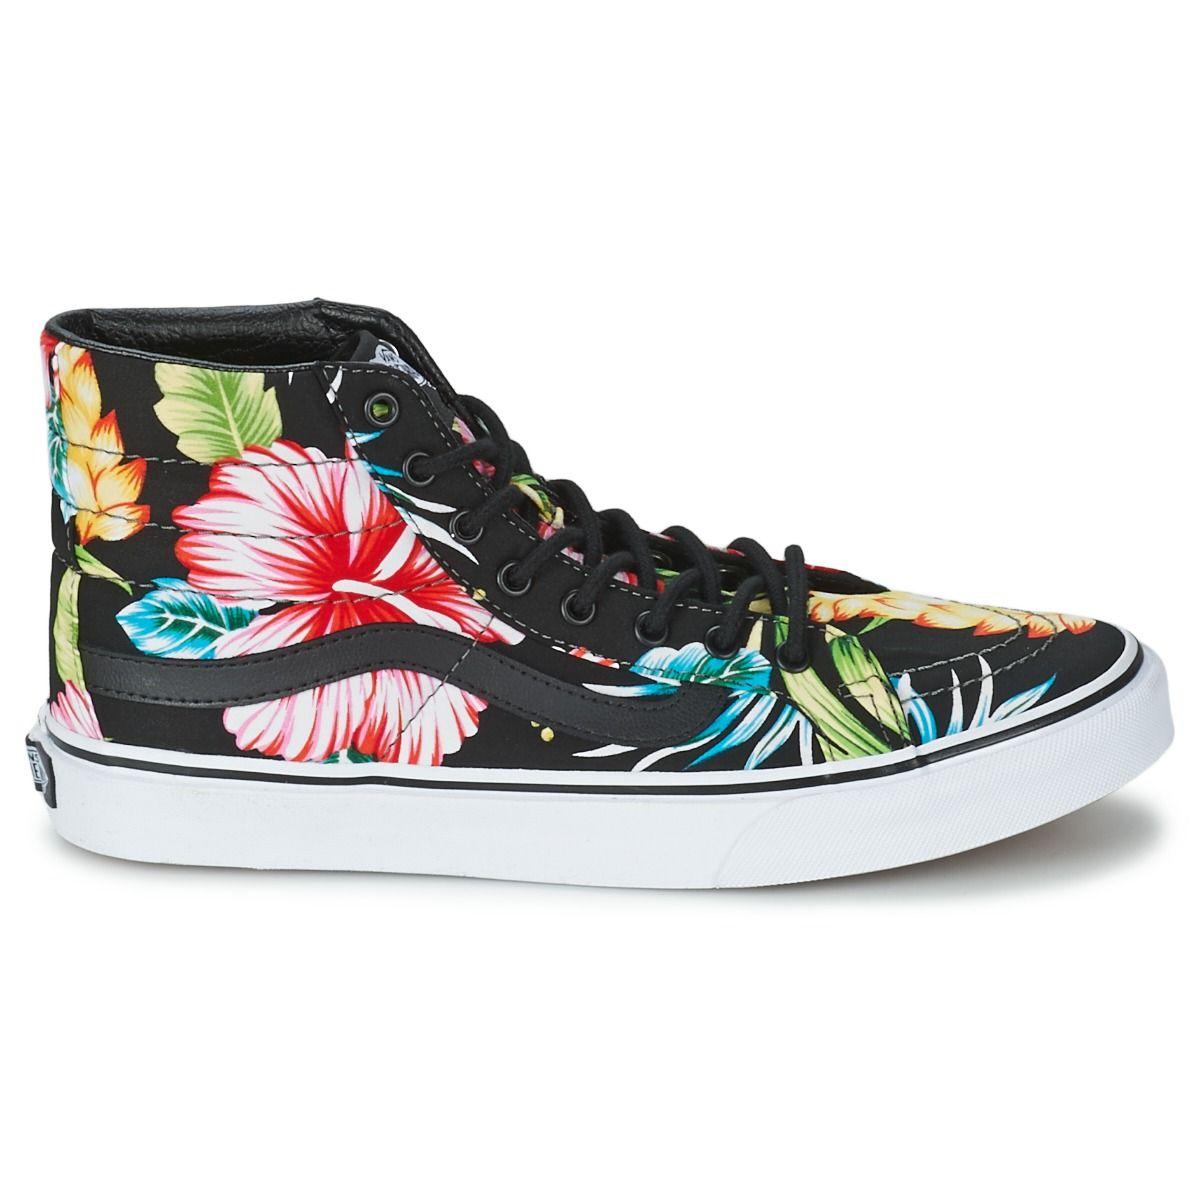 Cheap Vans Sk8 Hi Slim Low Top Shoes (FlowersBlack),Vans